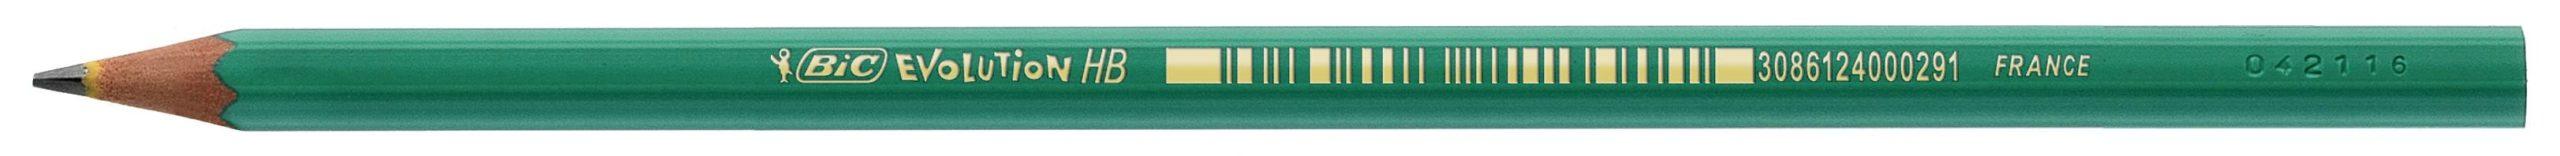 Карандаш BIC Evolution HB заточенный, пластиковый